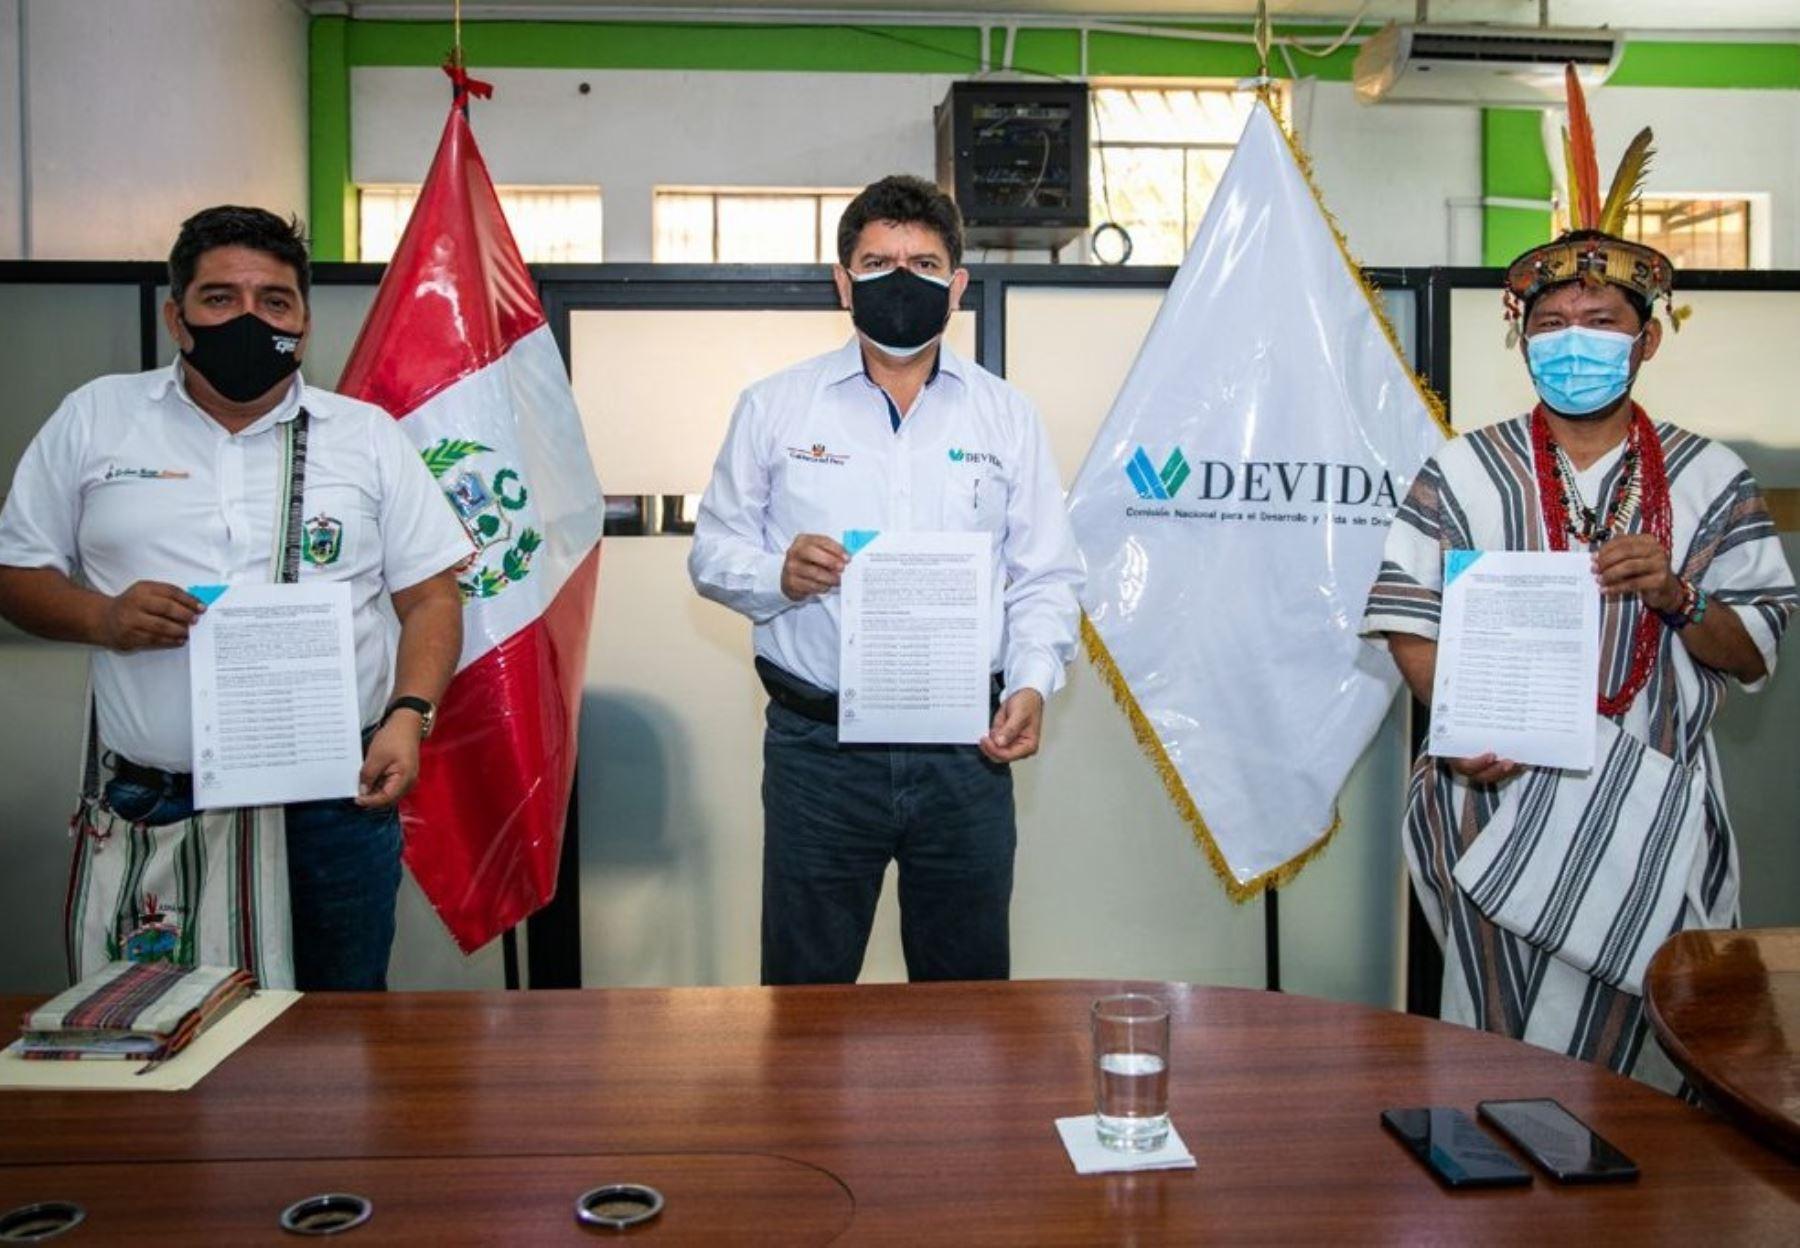 Devida, la Municipalidad de Río Tambo y organizaciones indígenas de ese distrito, ubicado en la provincia de Satipo, en Junín, firmaron una adenda para financiar proyectos para impulsar los cultivos de cacao y café. ANDINA/Difusió